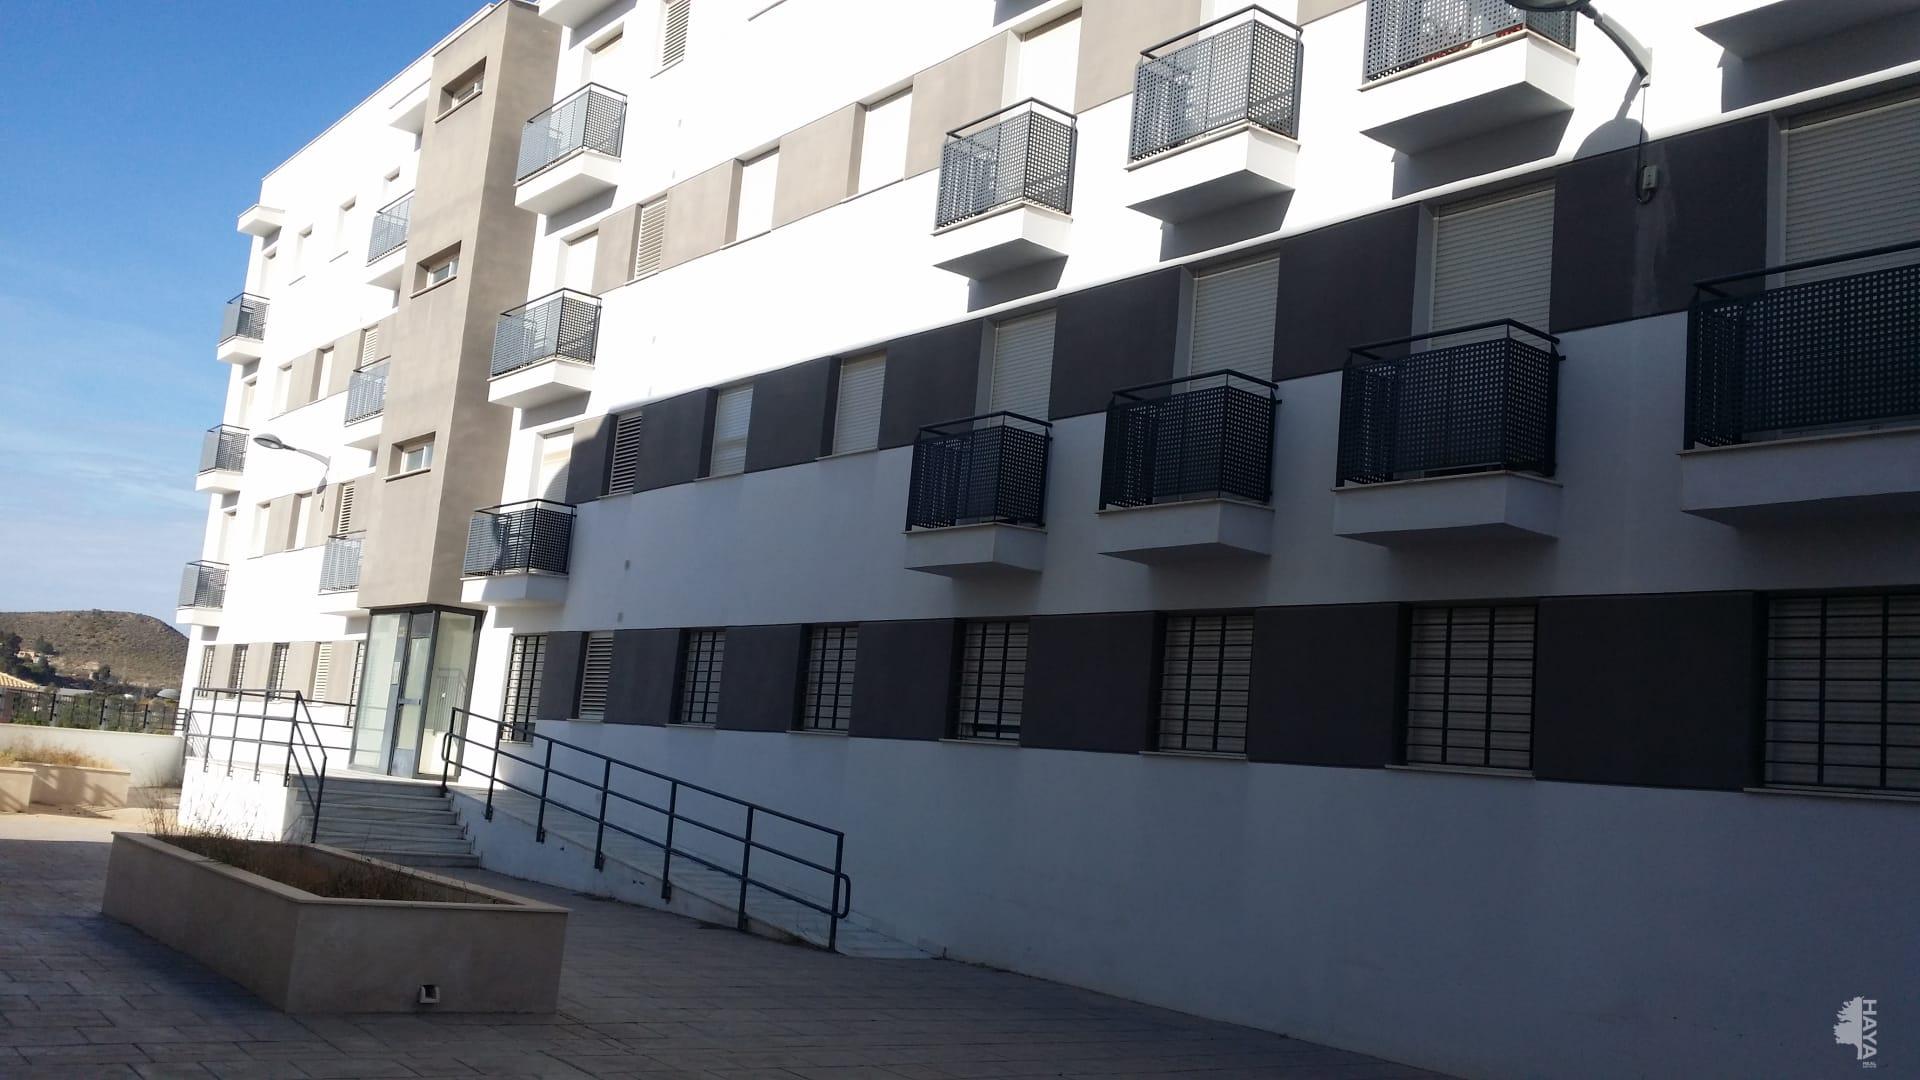 Piso en venta en Olula del Río, Almería, Calle Alta, 65.200 €, 3 habitaciones, 1 baño, 98 m2